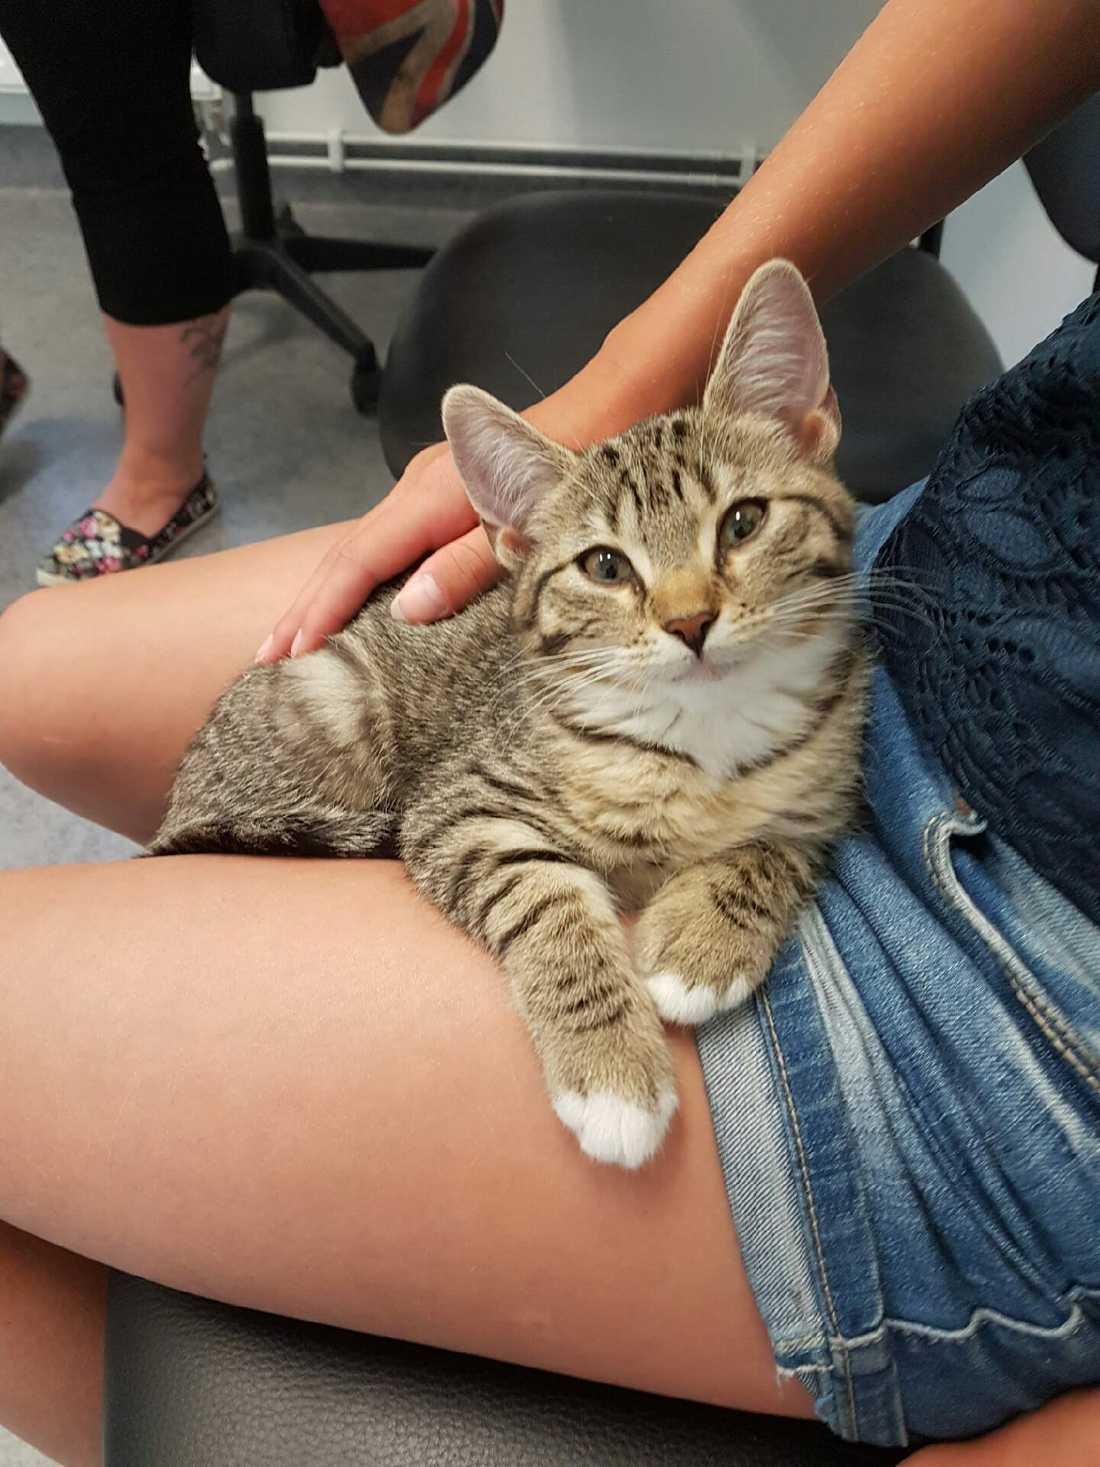 Det visade sig att kattungens familj tidigare hittats på samma plats.